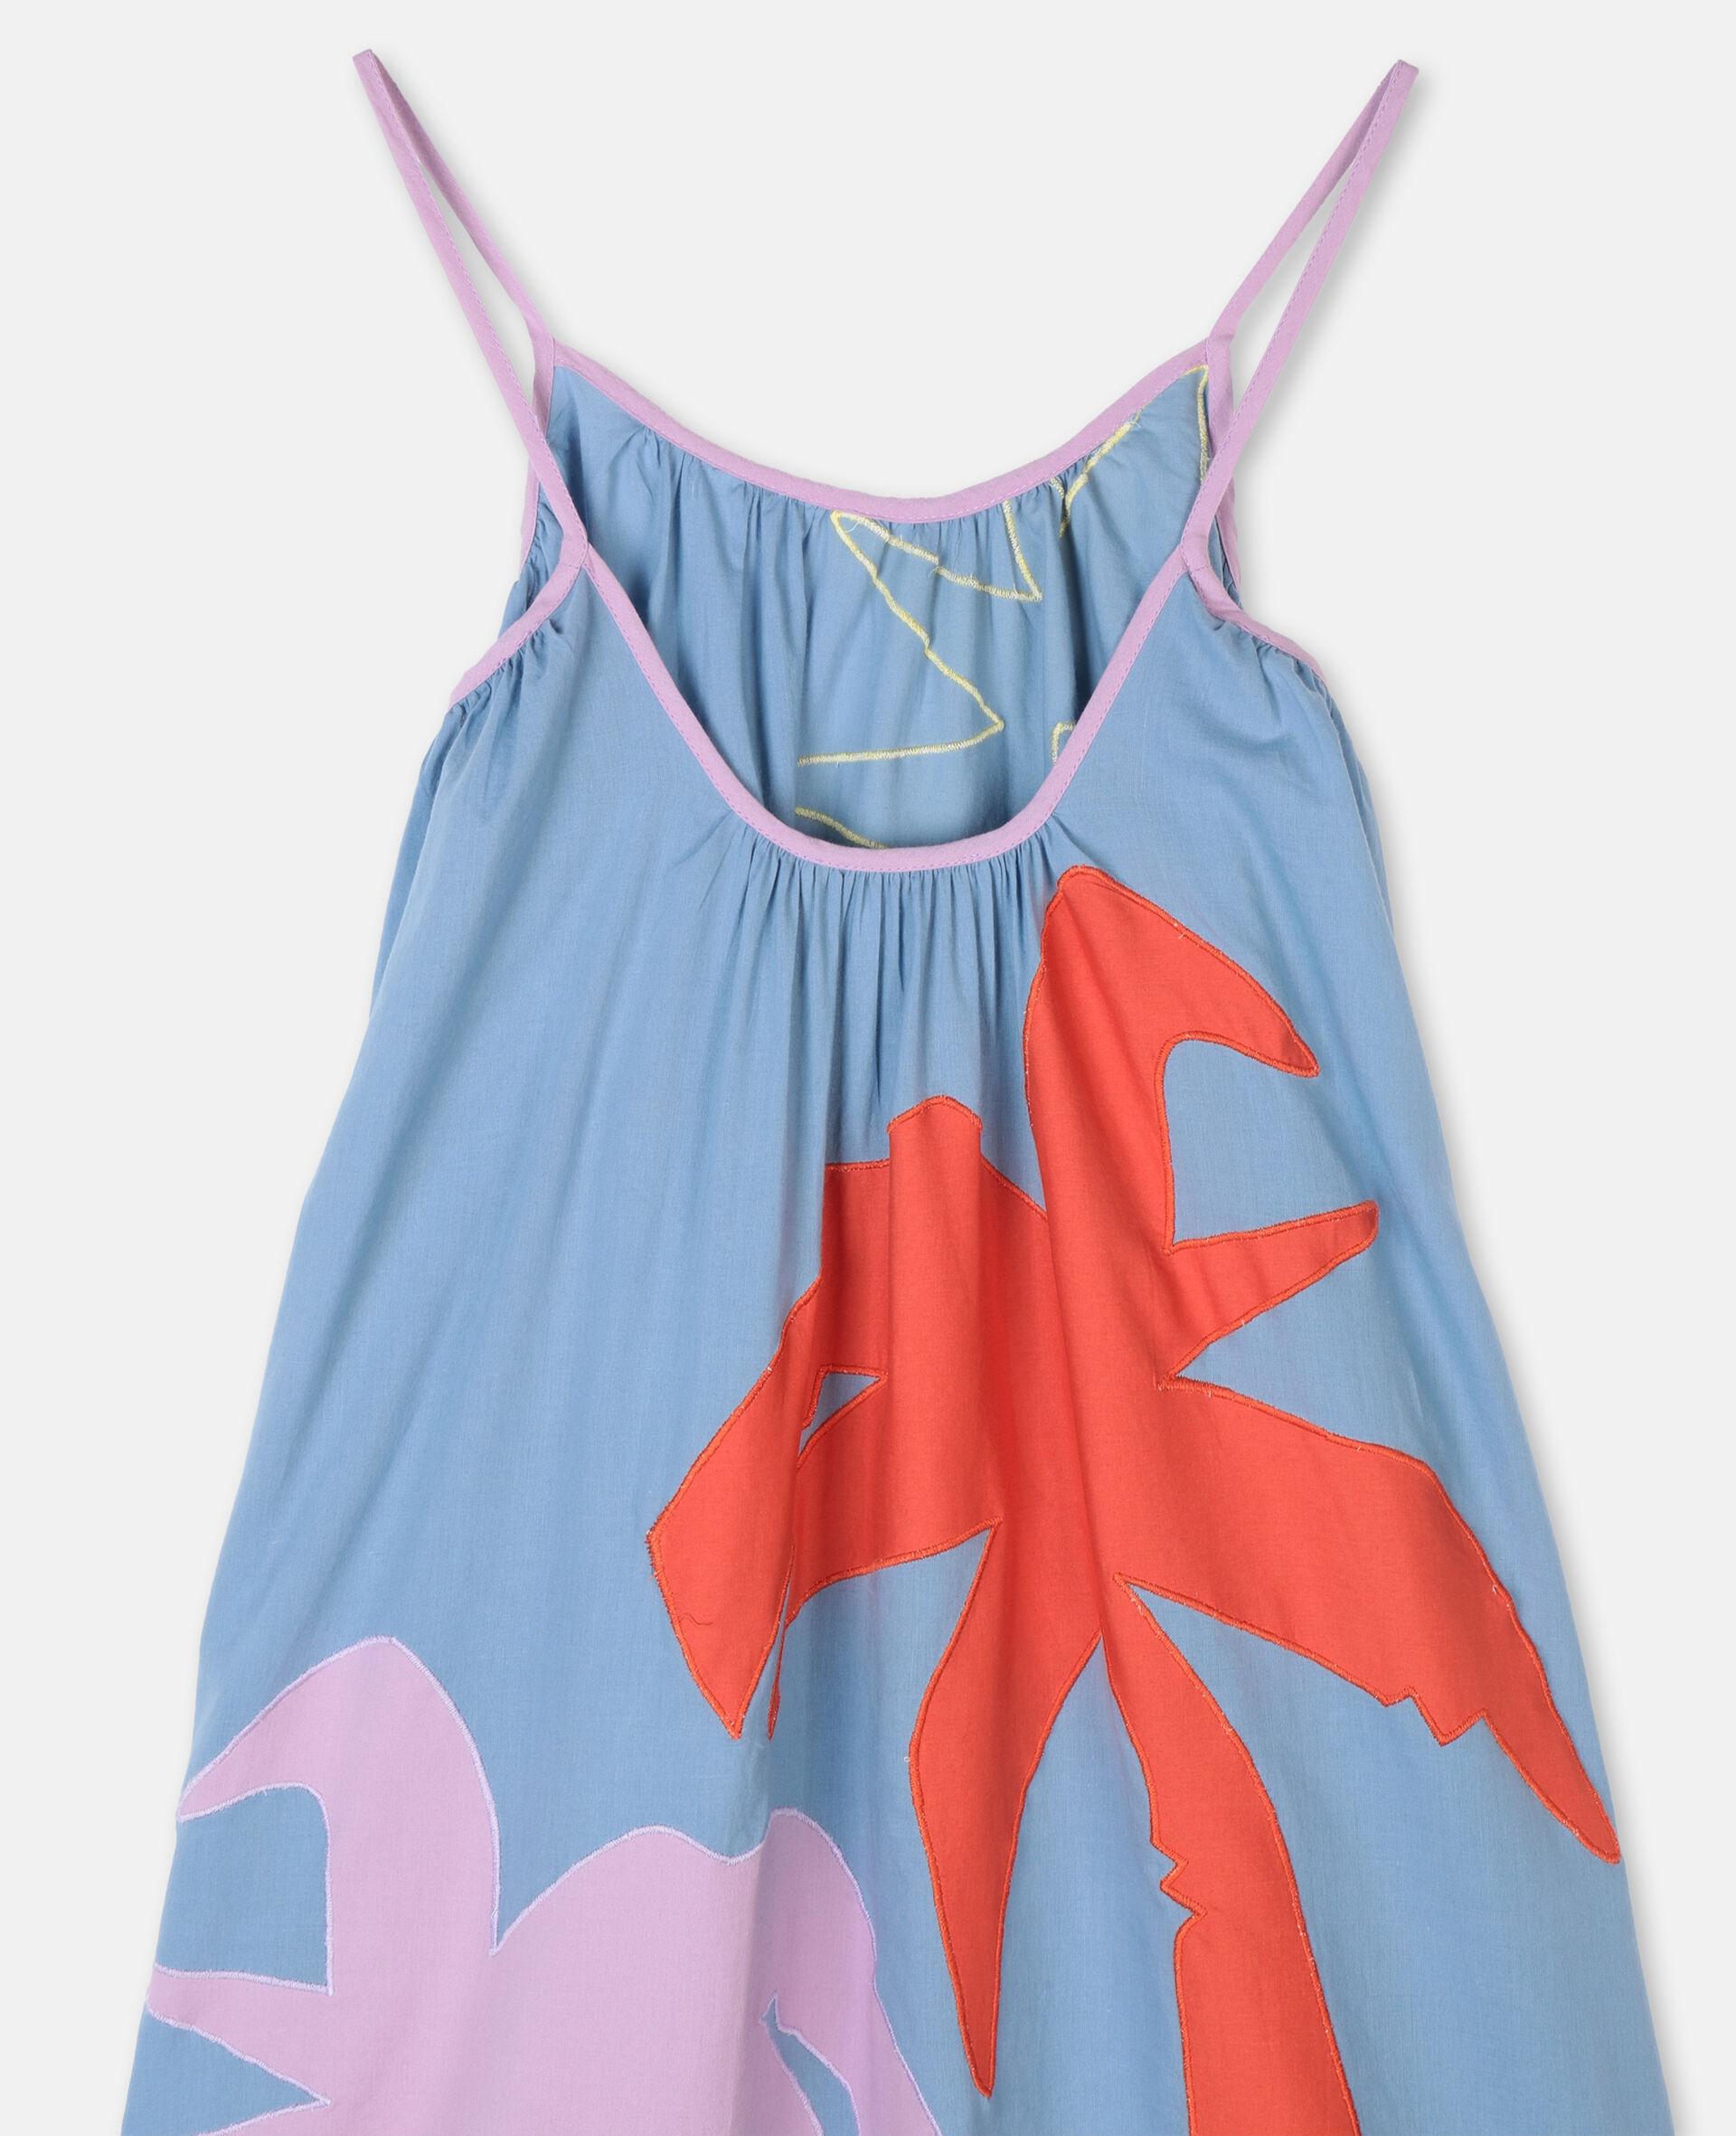 Palm Patches Cotton Dress-Multicolour-large image number 2